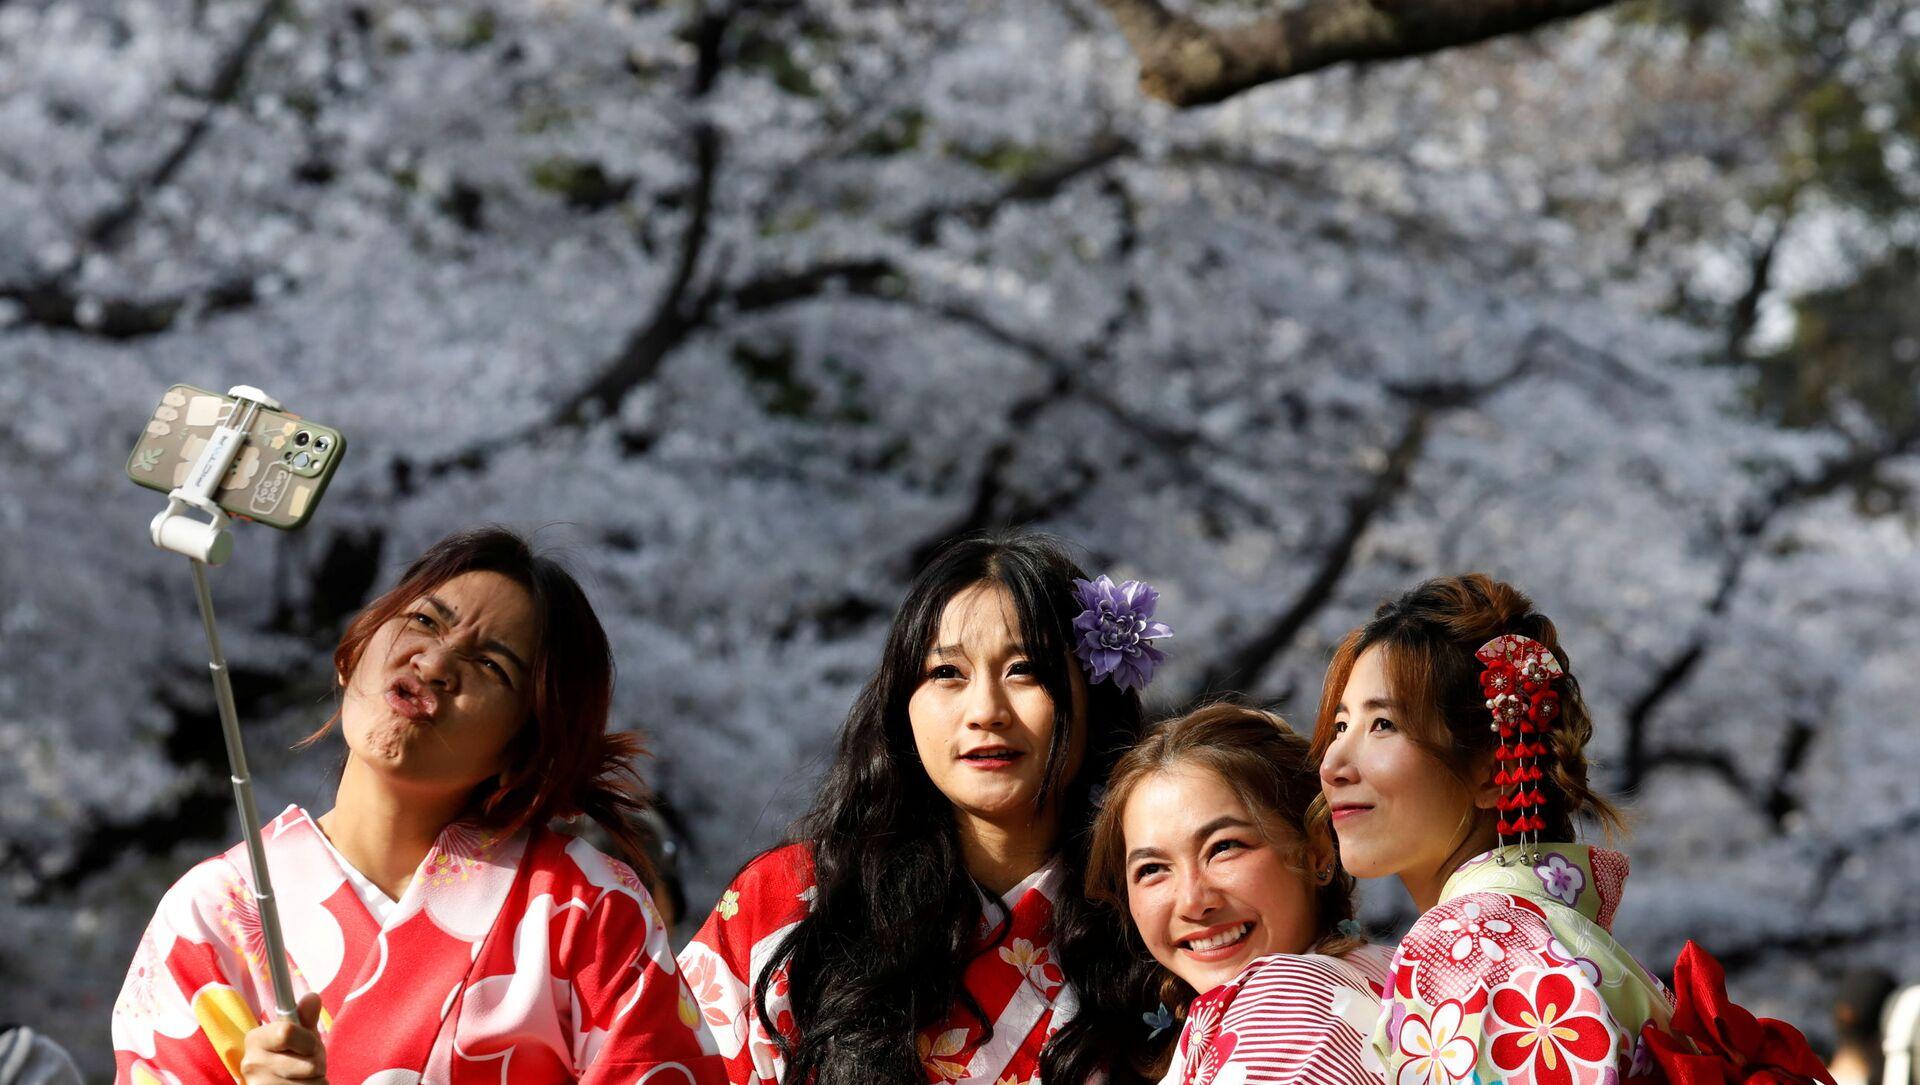 Japon başkenti Tokyo'nun Ueno Parkı'nda kiraz ağaçlarının çiçek (sakura) açmasını selfie çekerek kutlayan kimono giymiş kadınlar - Sputnik Türkiye, 1920, 01.04.2021